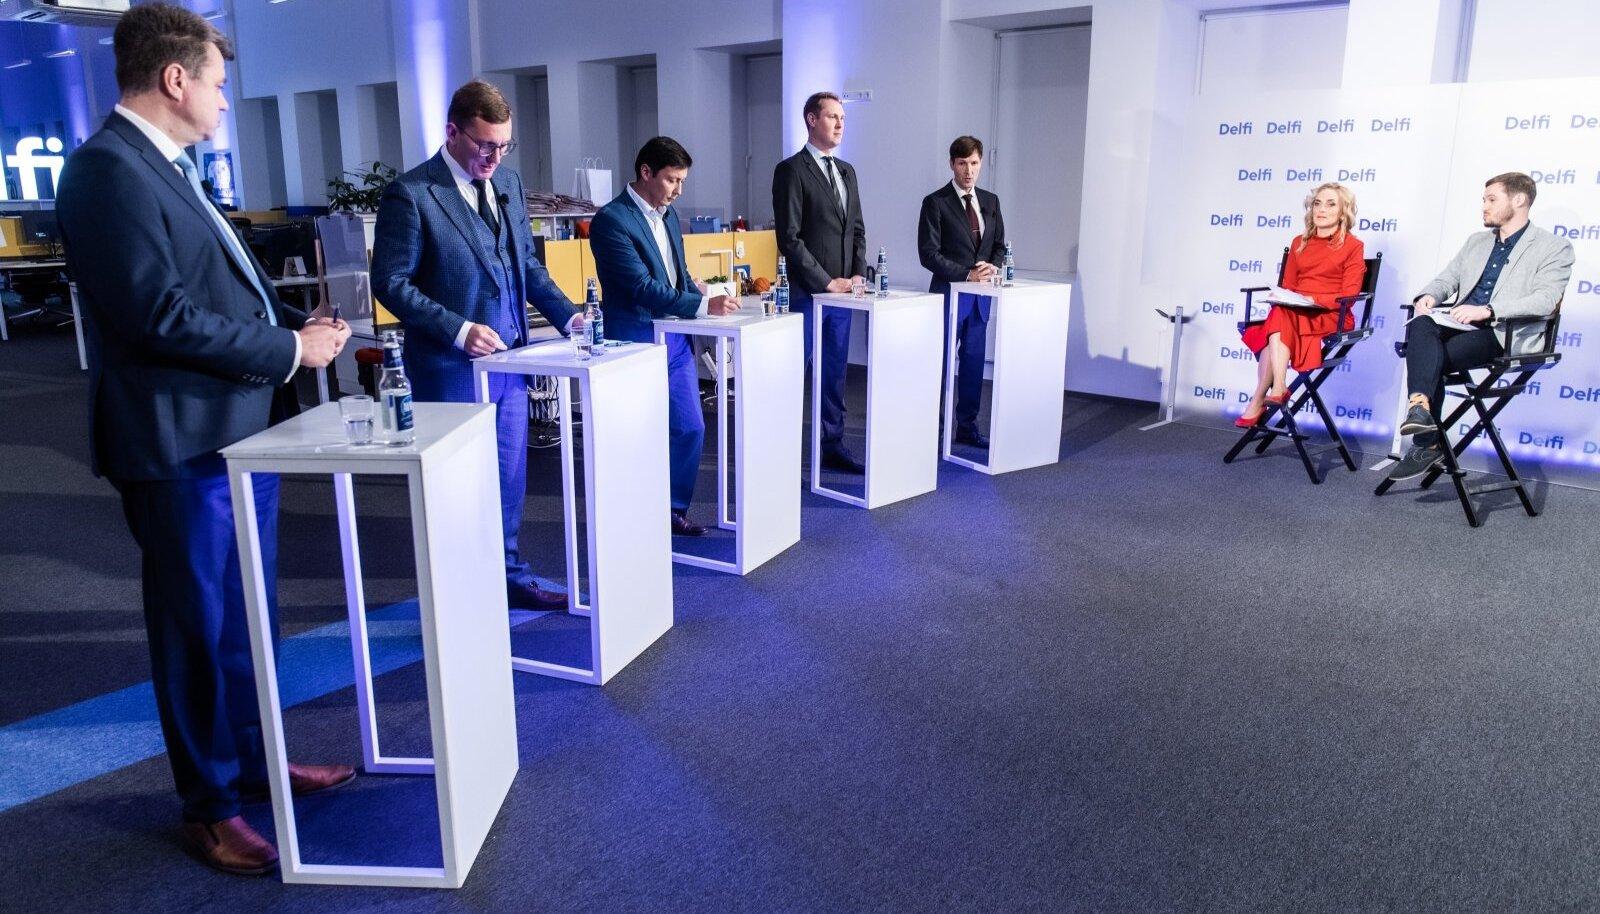 Valimisdebatti juhtisid Vilja Kiisler ja Joosep Tiks, oma seisukohti esitasid (vasakult) Urmas Reinsalu, Kristen Michal, Mihhail Kõlvart, Raimond Kaljulaid ja Martin Helme.